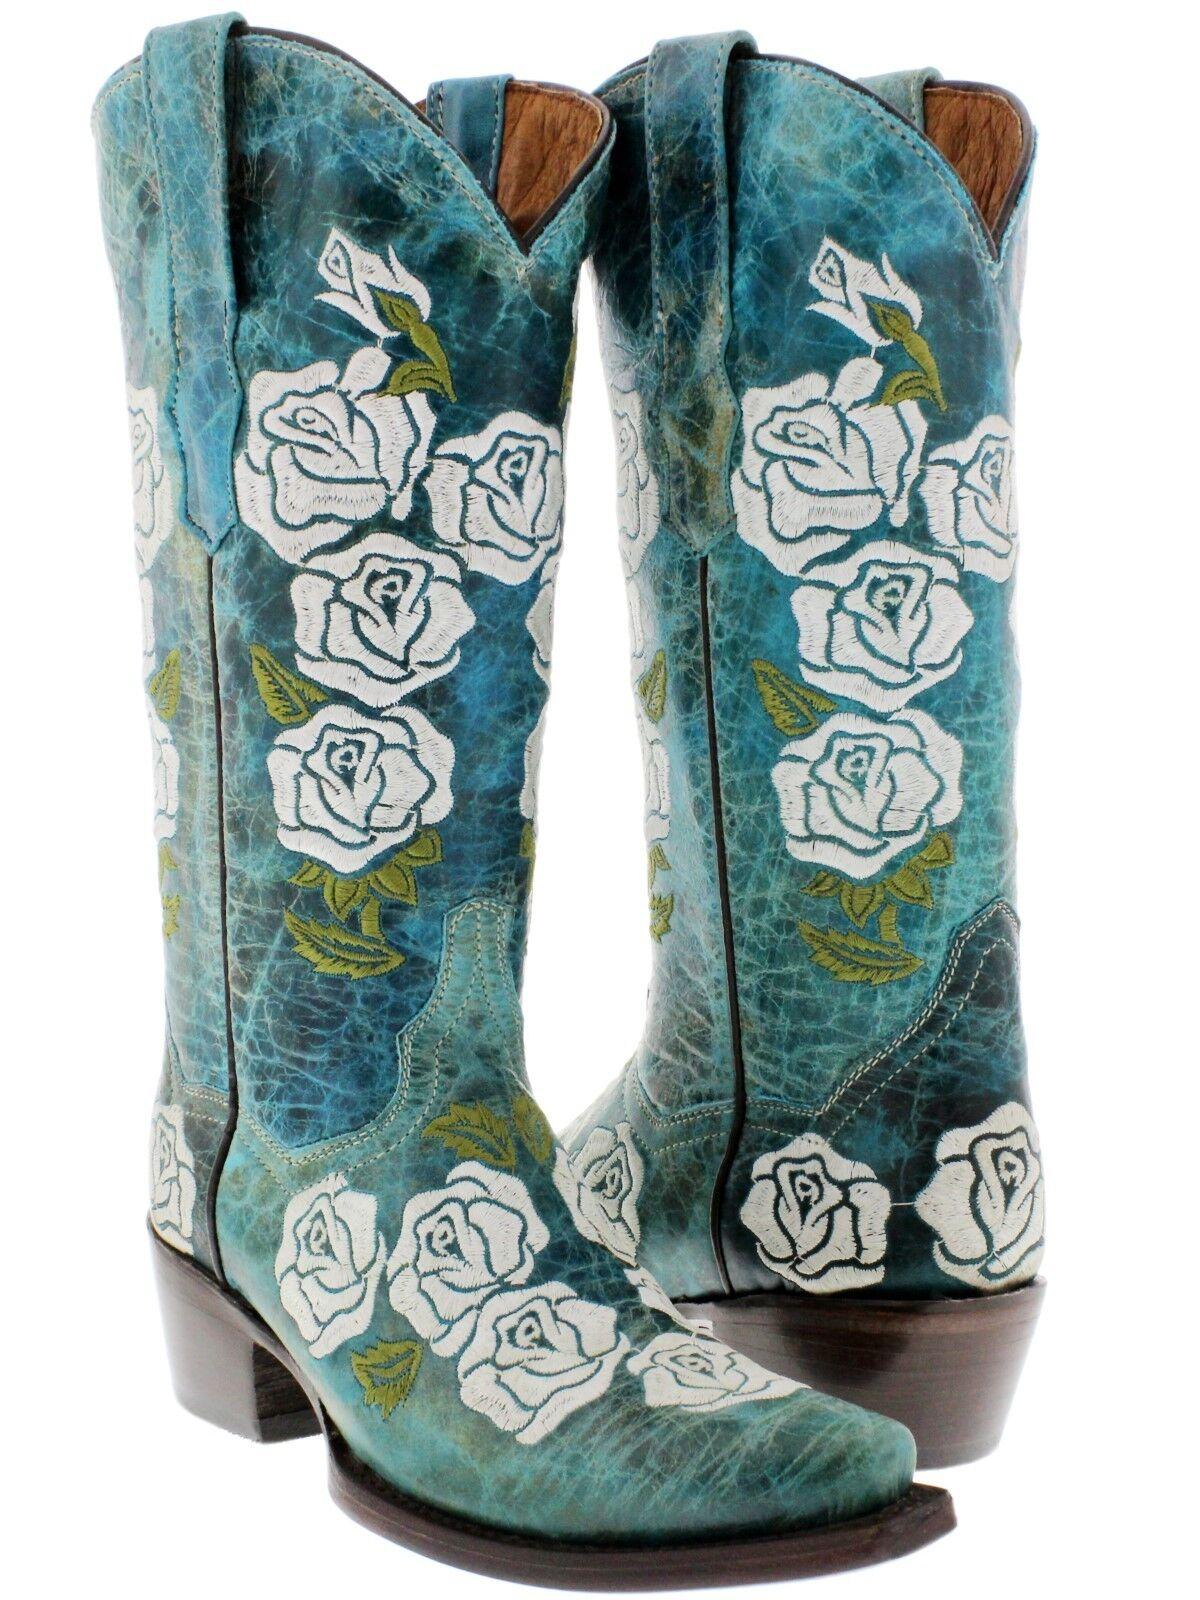 autentico online donna Turquoise rosa Embroidered Leather Western Wear Wear Wear Cowgirl stivali Snip Toe  fino al 65% di sconto